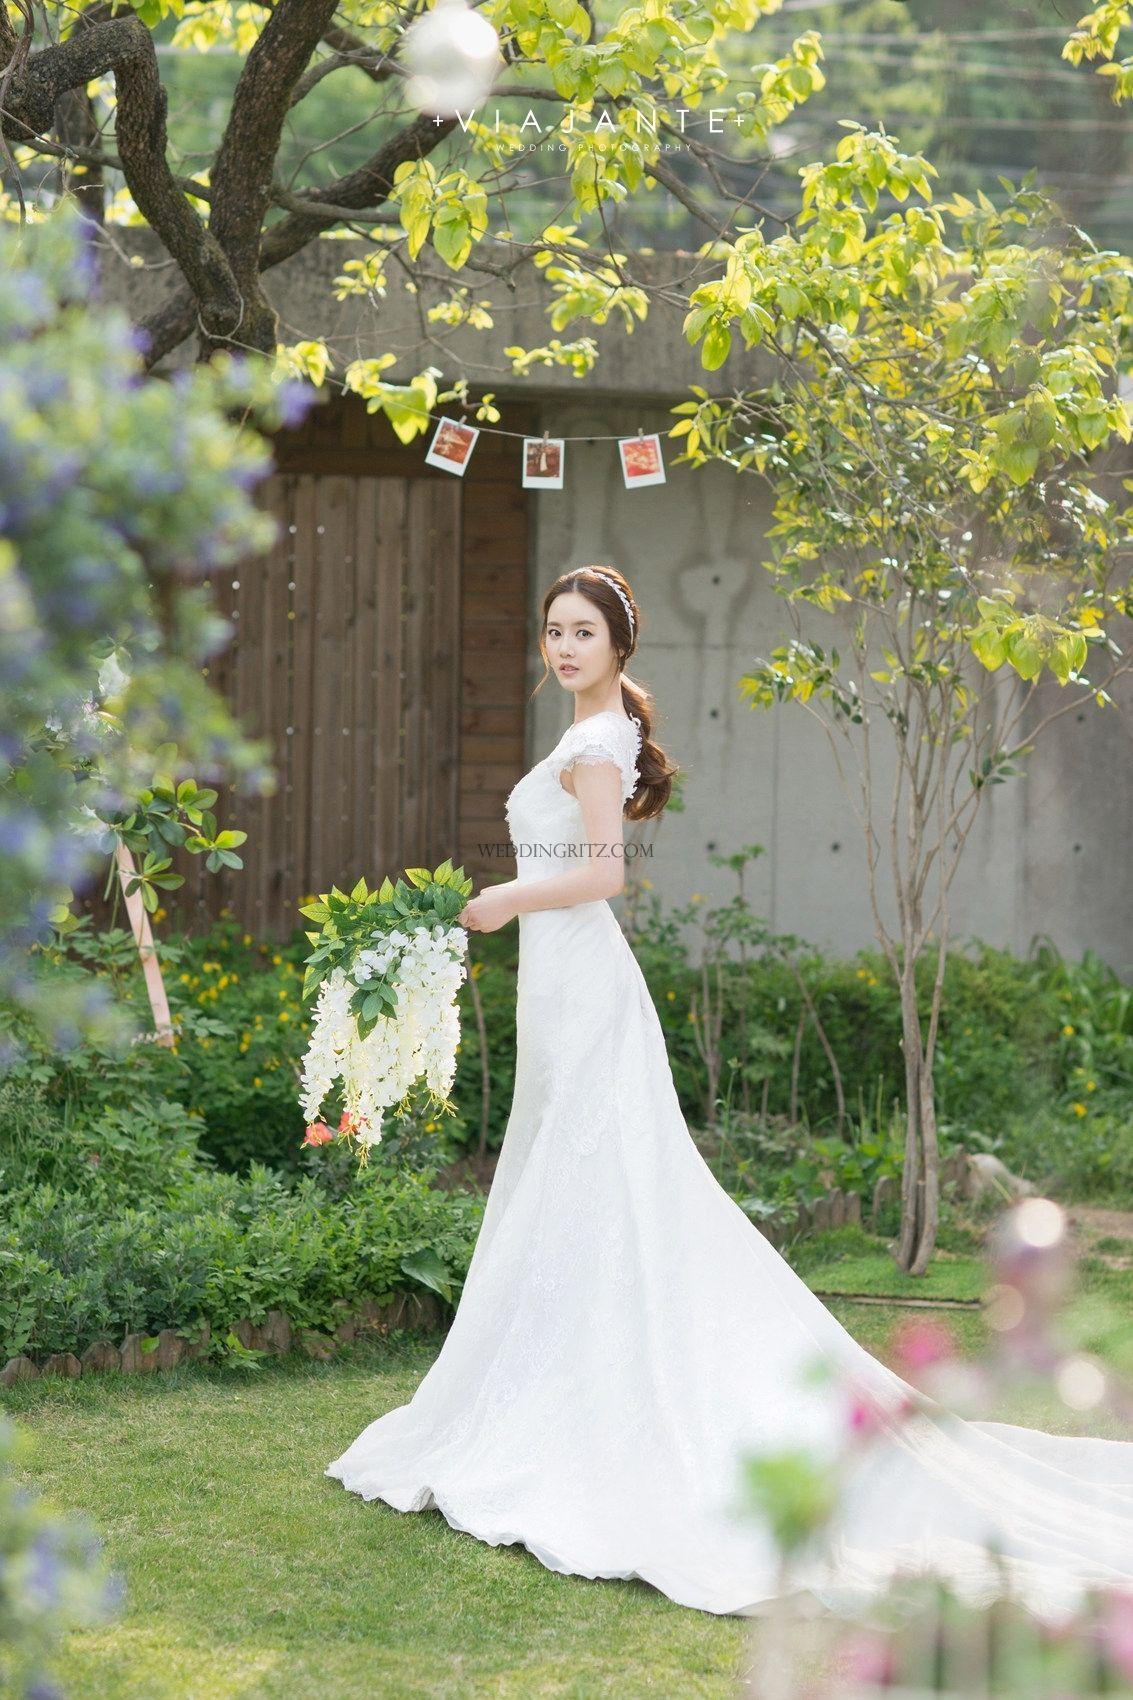 4e9e7545a2c8 Korea Pre Wedding Photoshoot Review by WeddingRitz.com » A Special Korea pre -wedding sample book from Viajante Studio with Bridal Shower